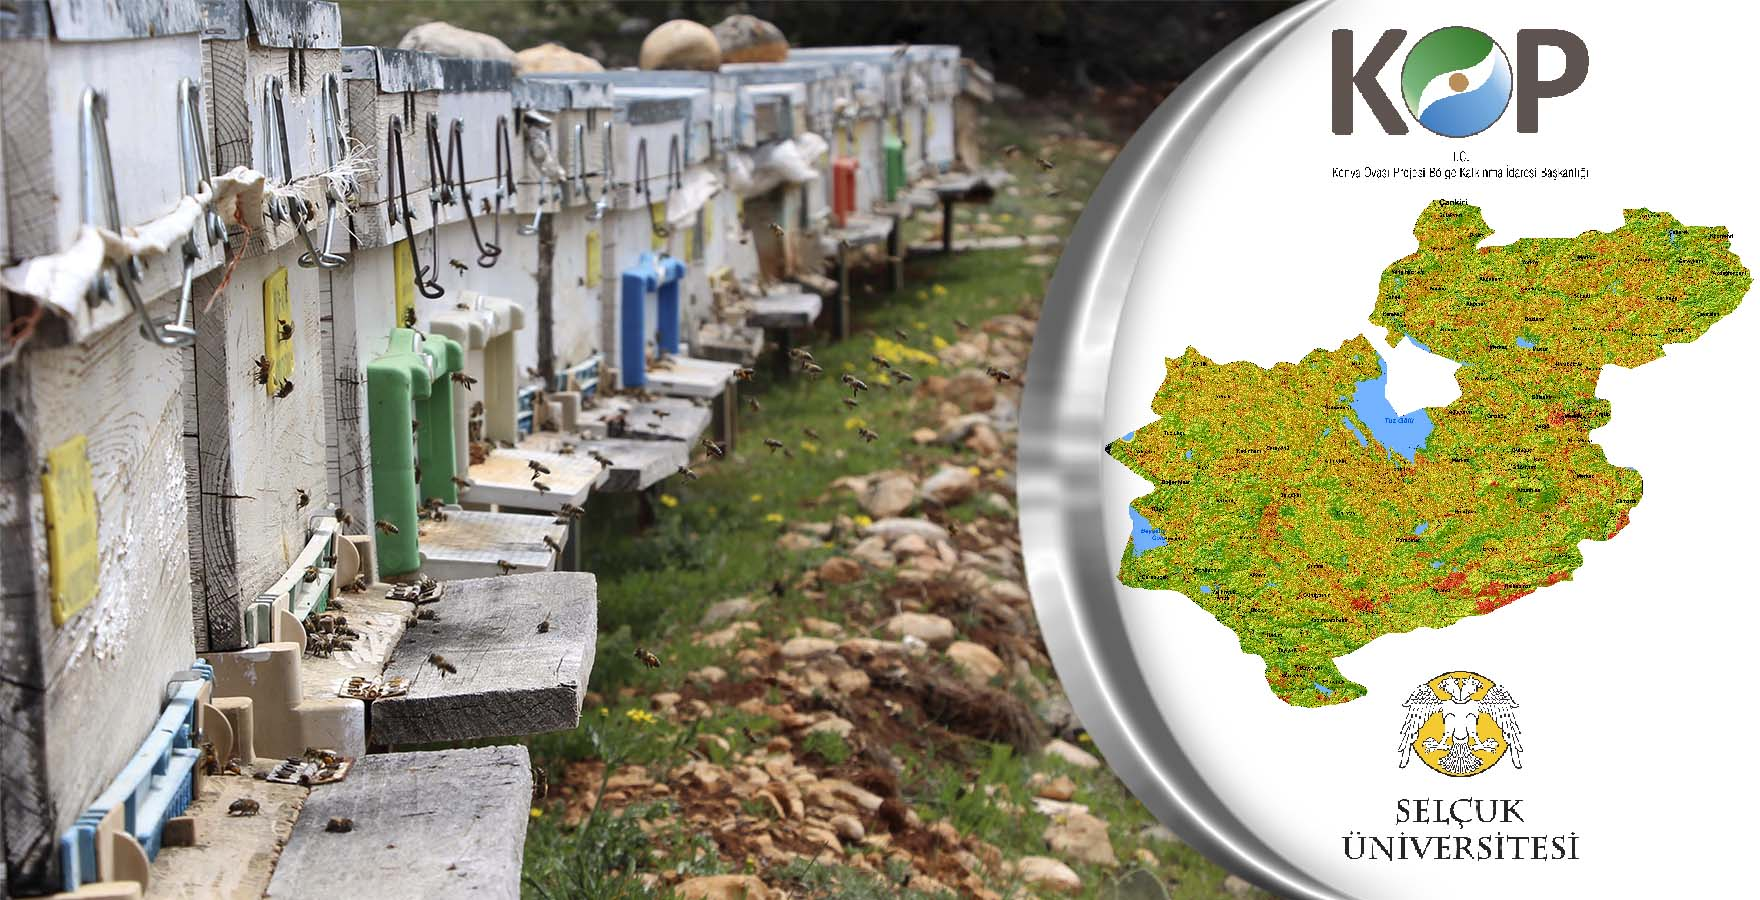 Dünyanın En Geniş Kapsamlı Arıcılık Geo-Portalı KOP Bölgesinde Üretildi.